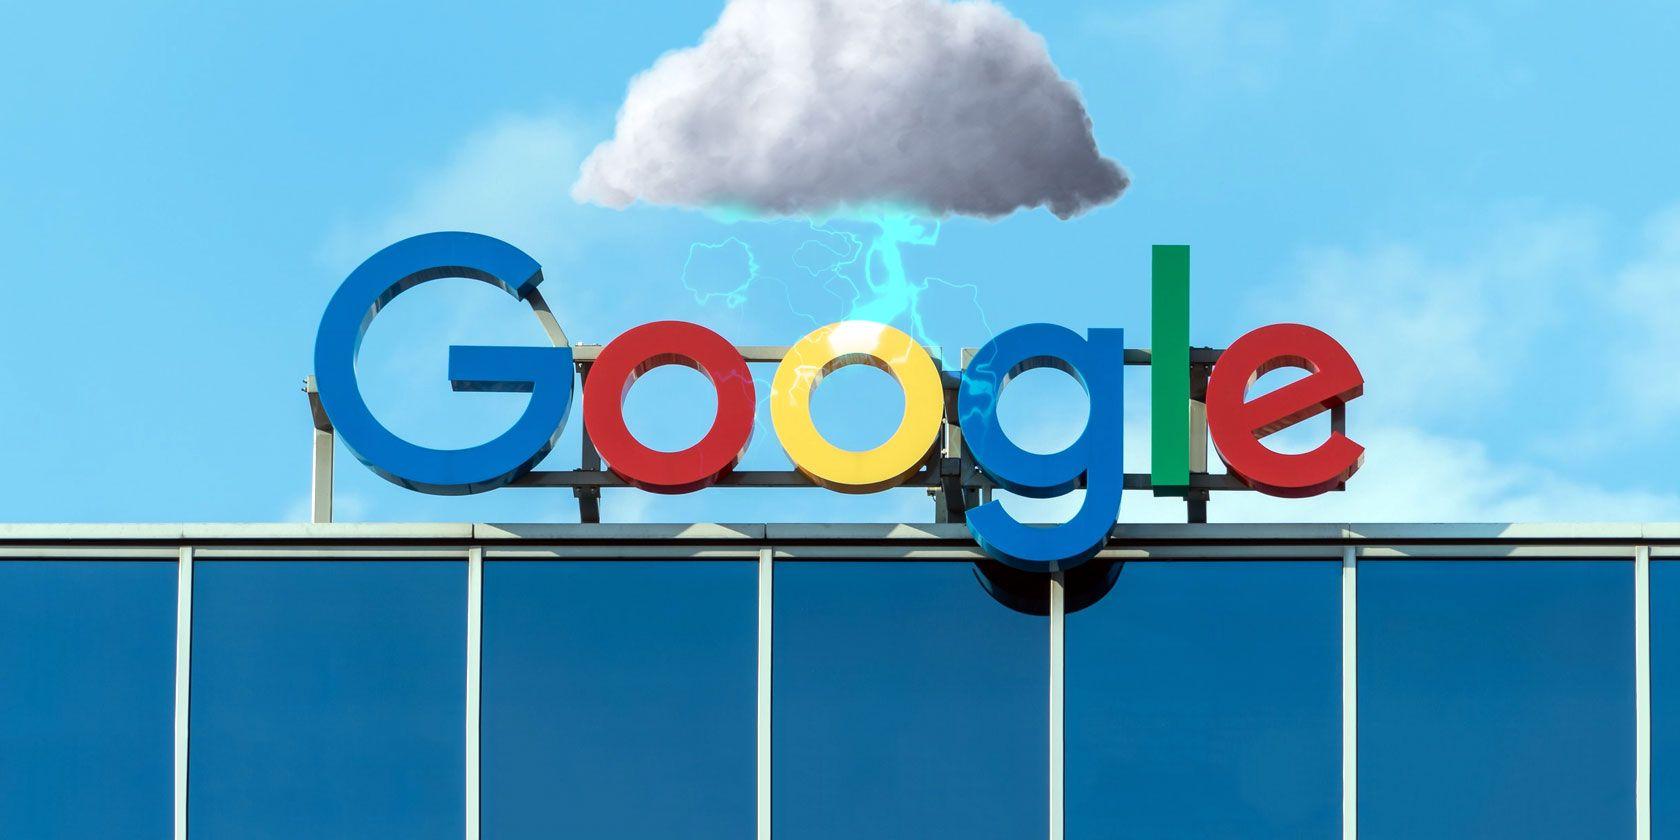 google-censorship-leak